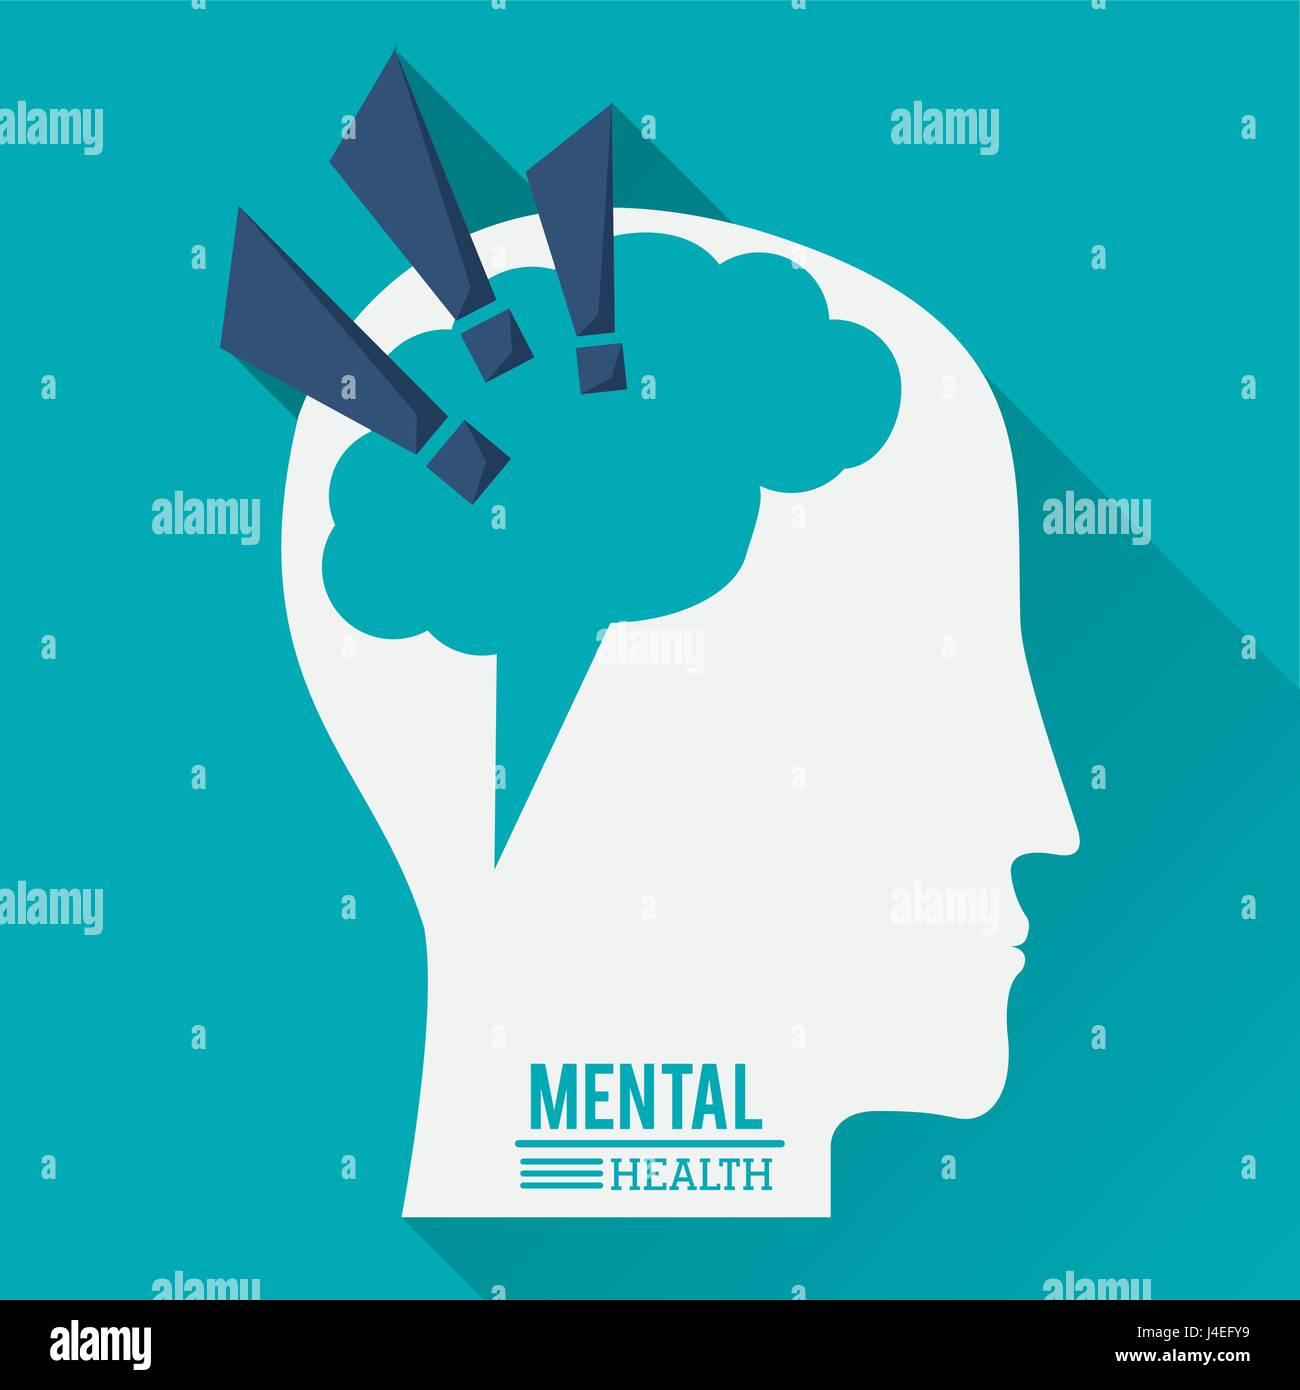 La salud mental, la cabeza humana con el cerebro en forma de signo de exclamación Imagen De Stock